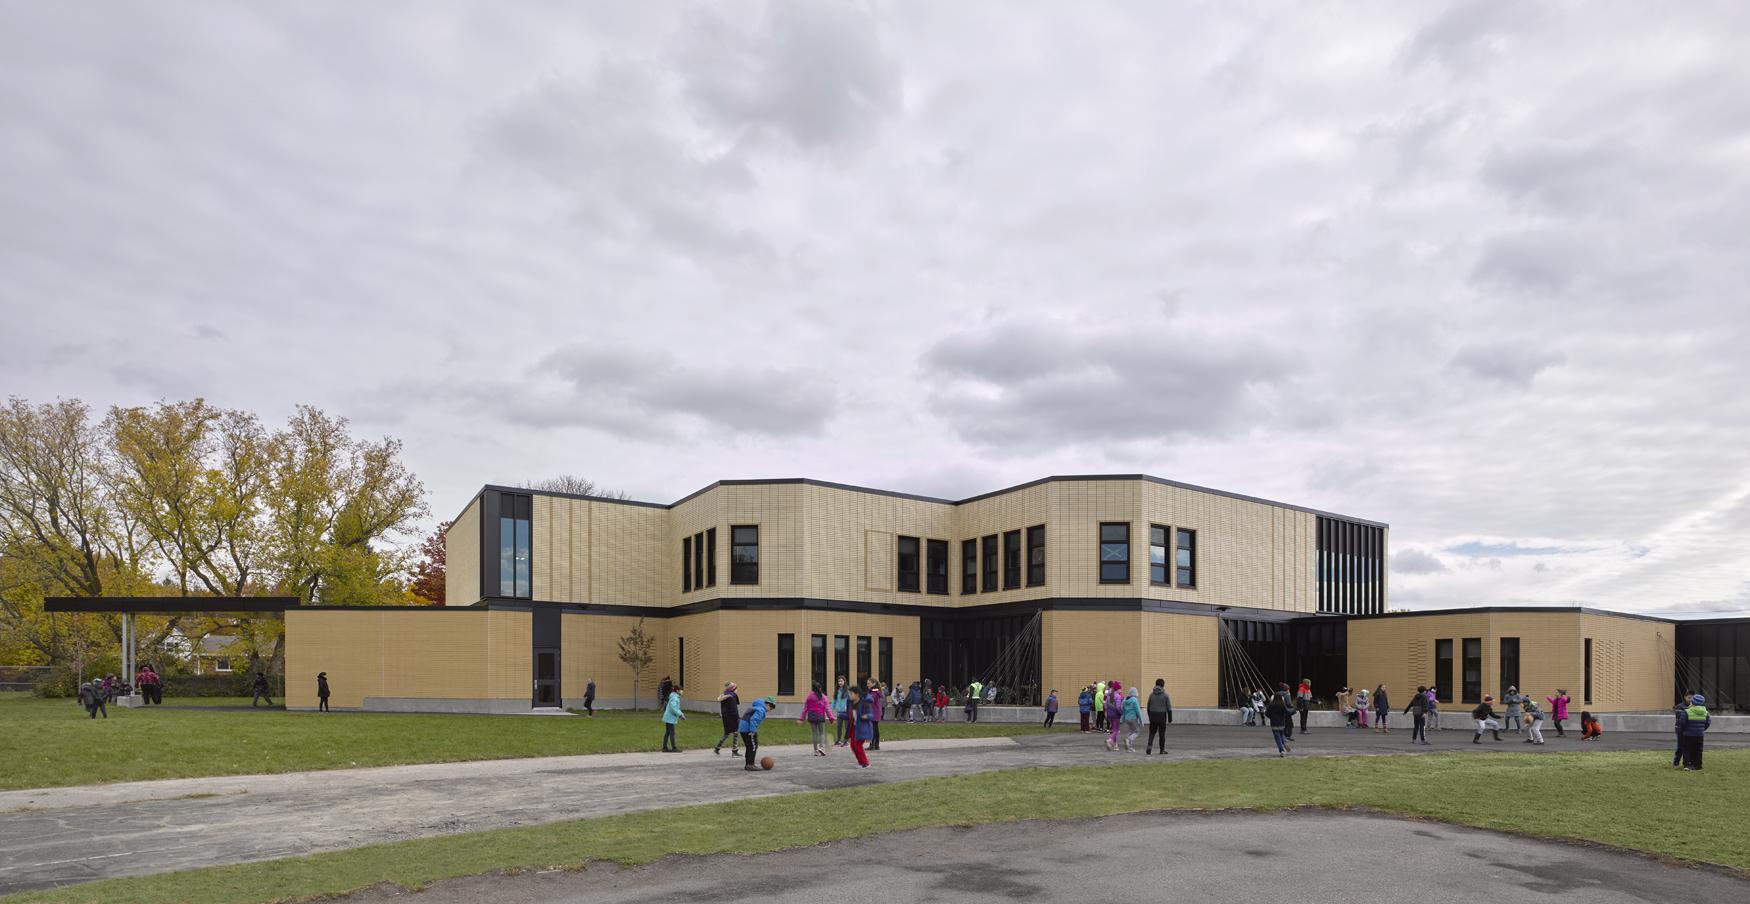 École Pointe-Claire